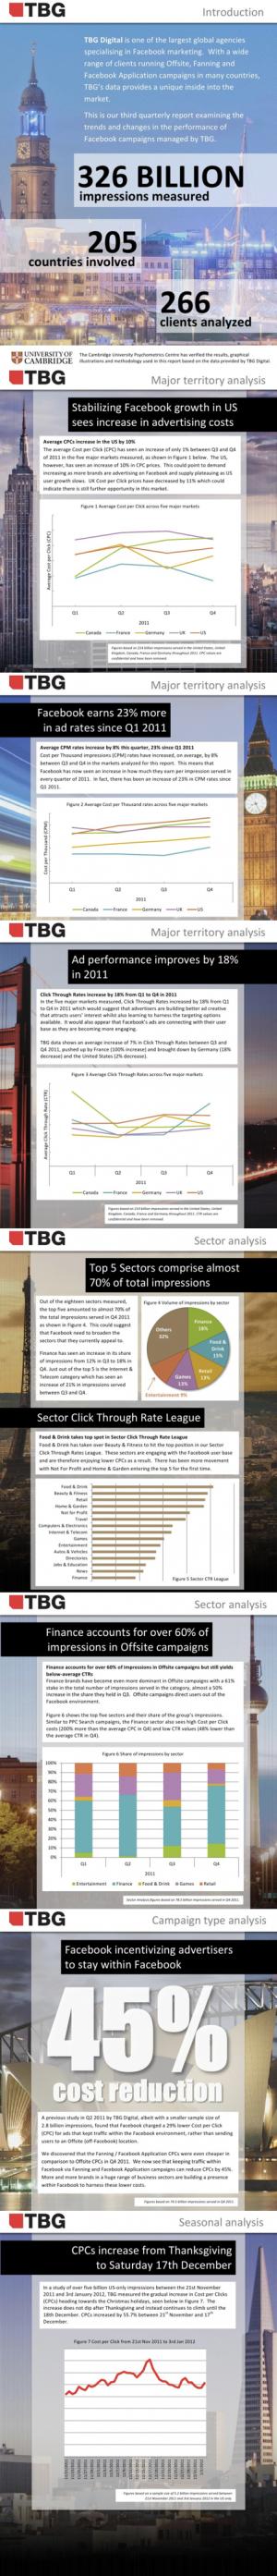 TBG Digital Global Facebook Advertising Report Q1 2012